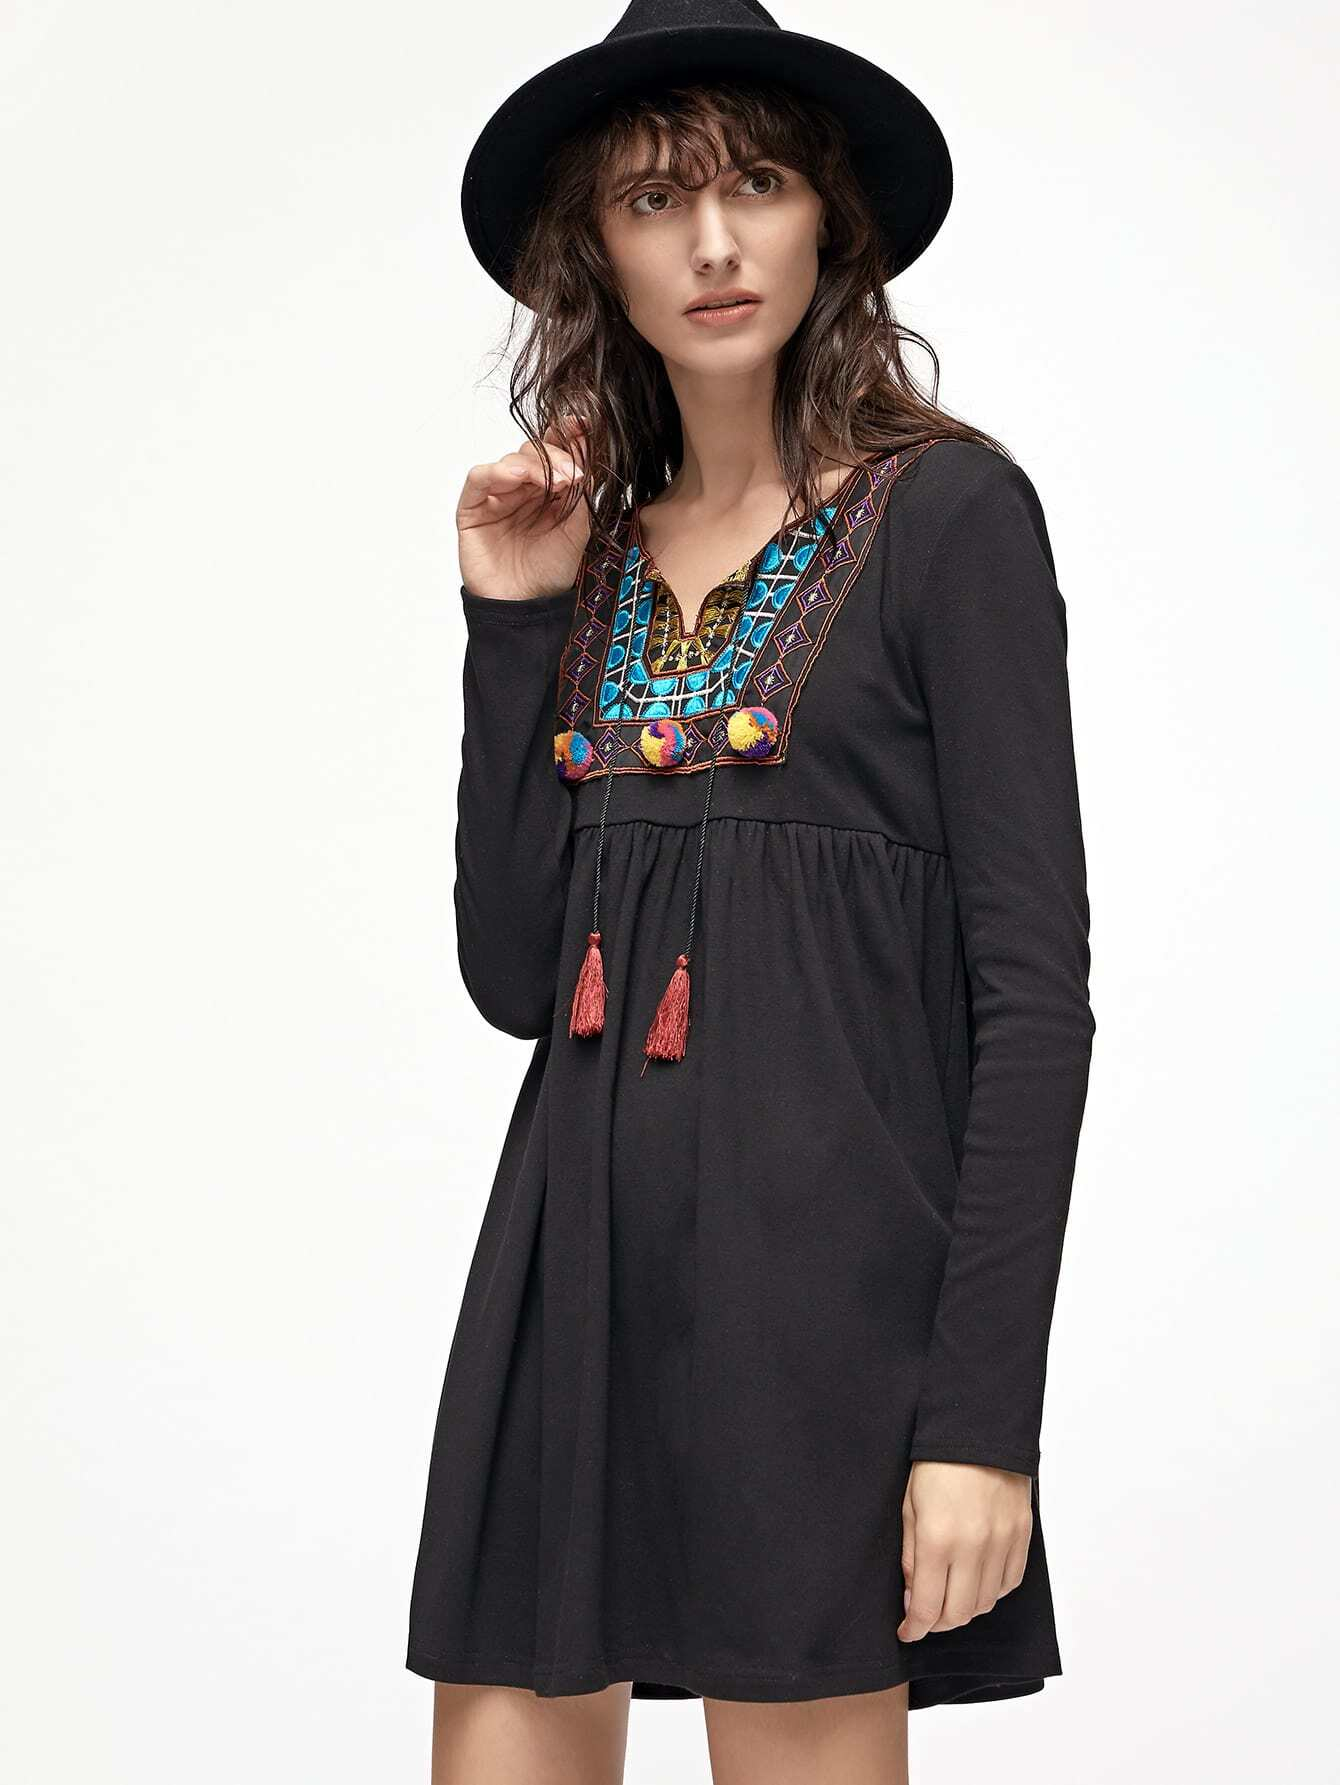 Black Tassel Tie Embroidered Neck High Waist Dress dress161202744